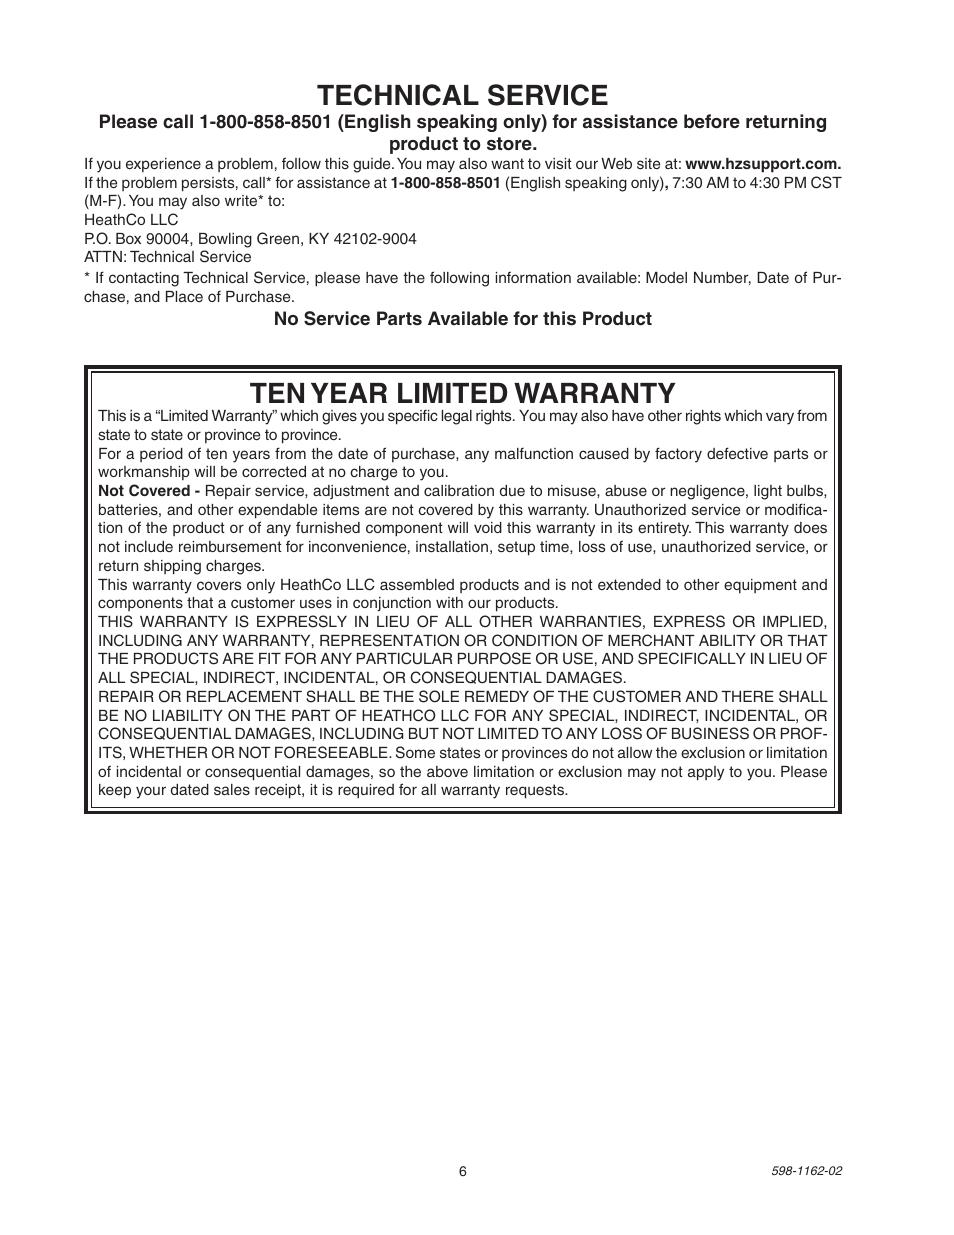 Ten Year Limited Warranty Technical Service Heath